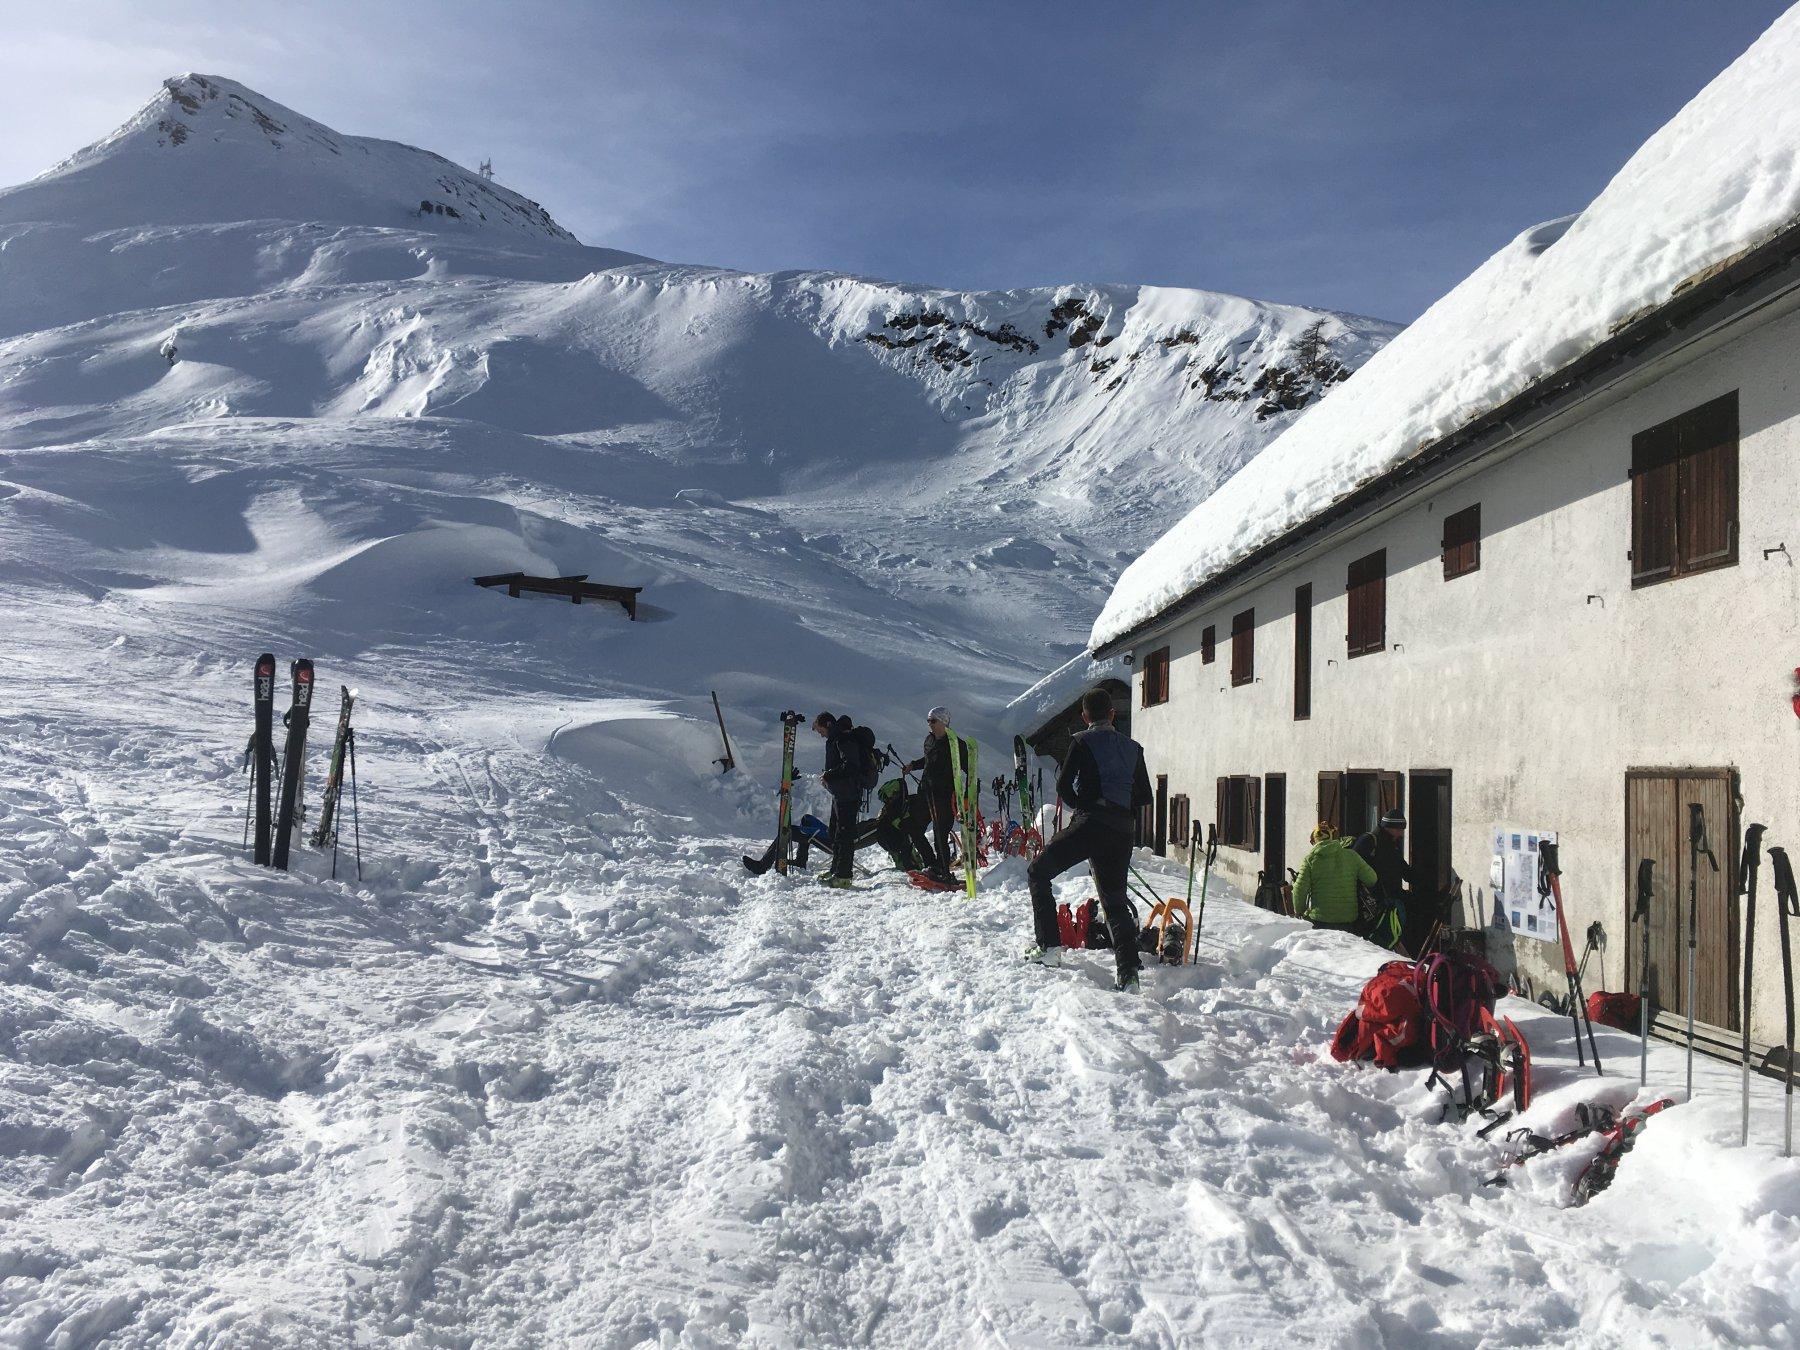 il rifugio Dondena con in alto i pendii sciabili